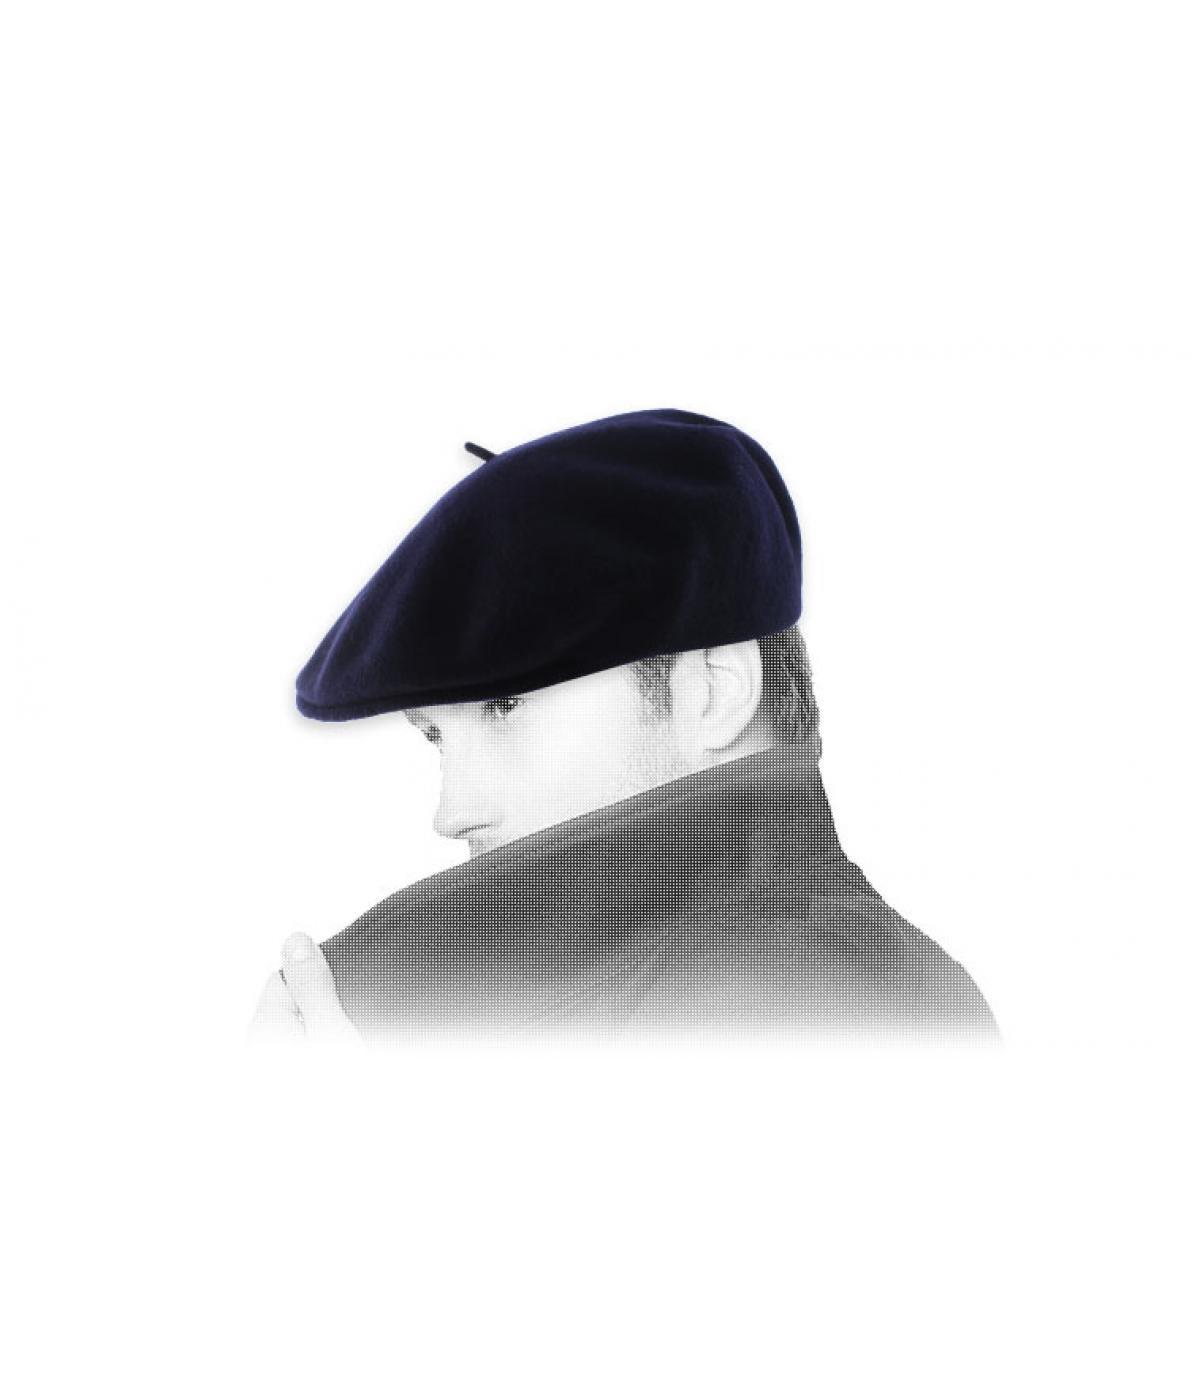 navy duckbill cap Laulhère